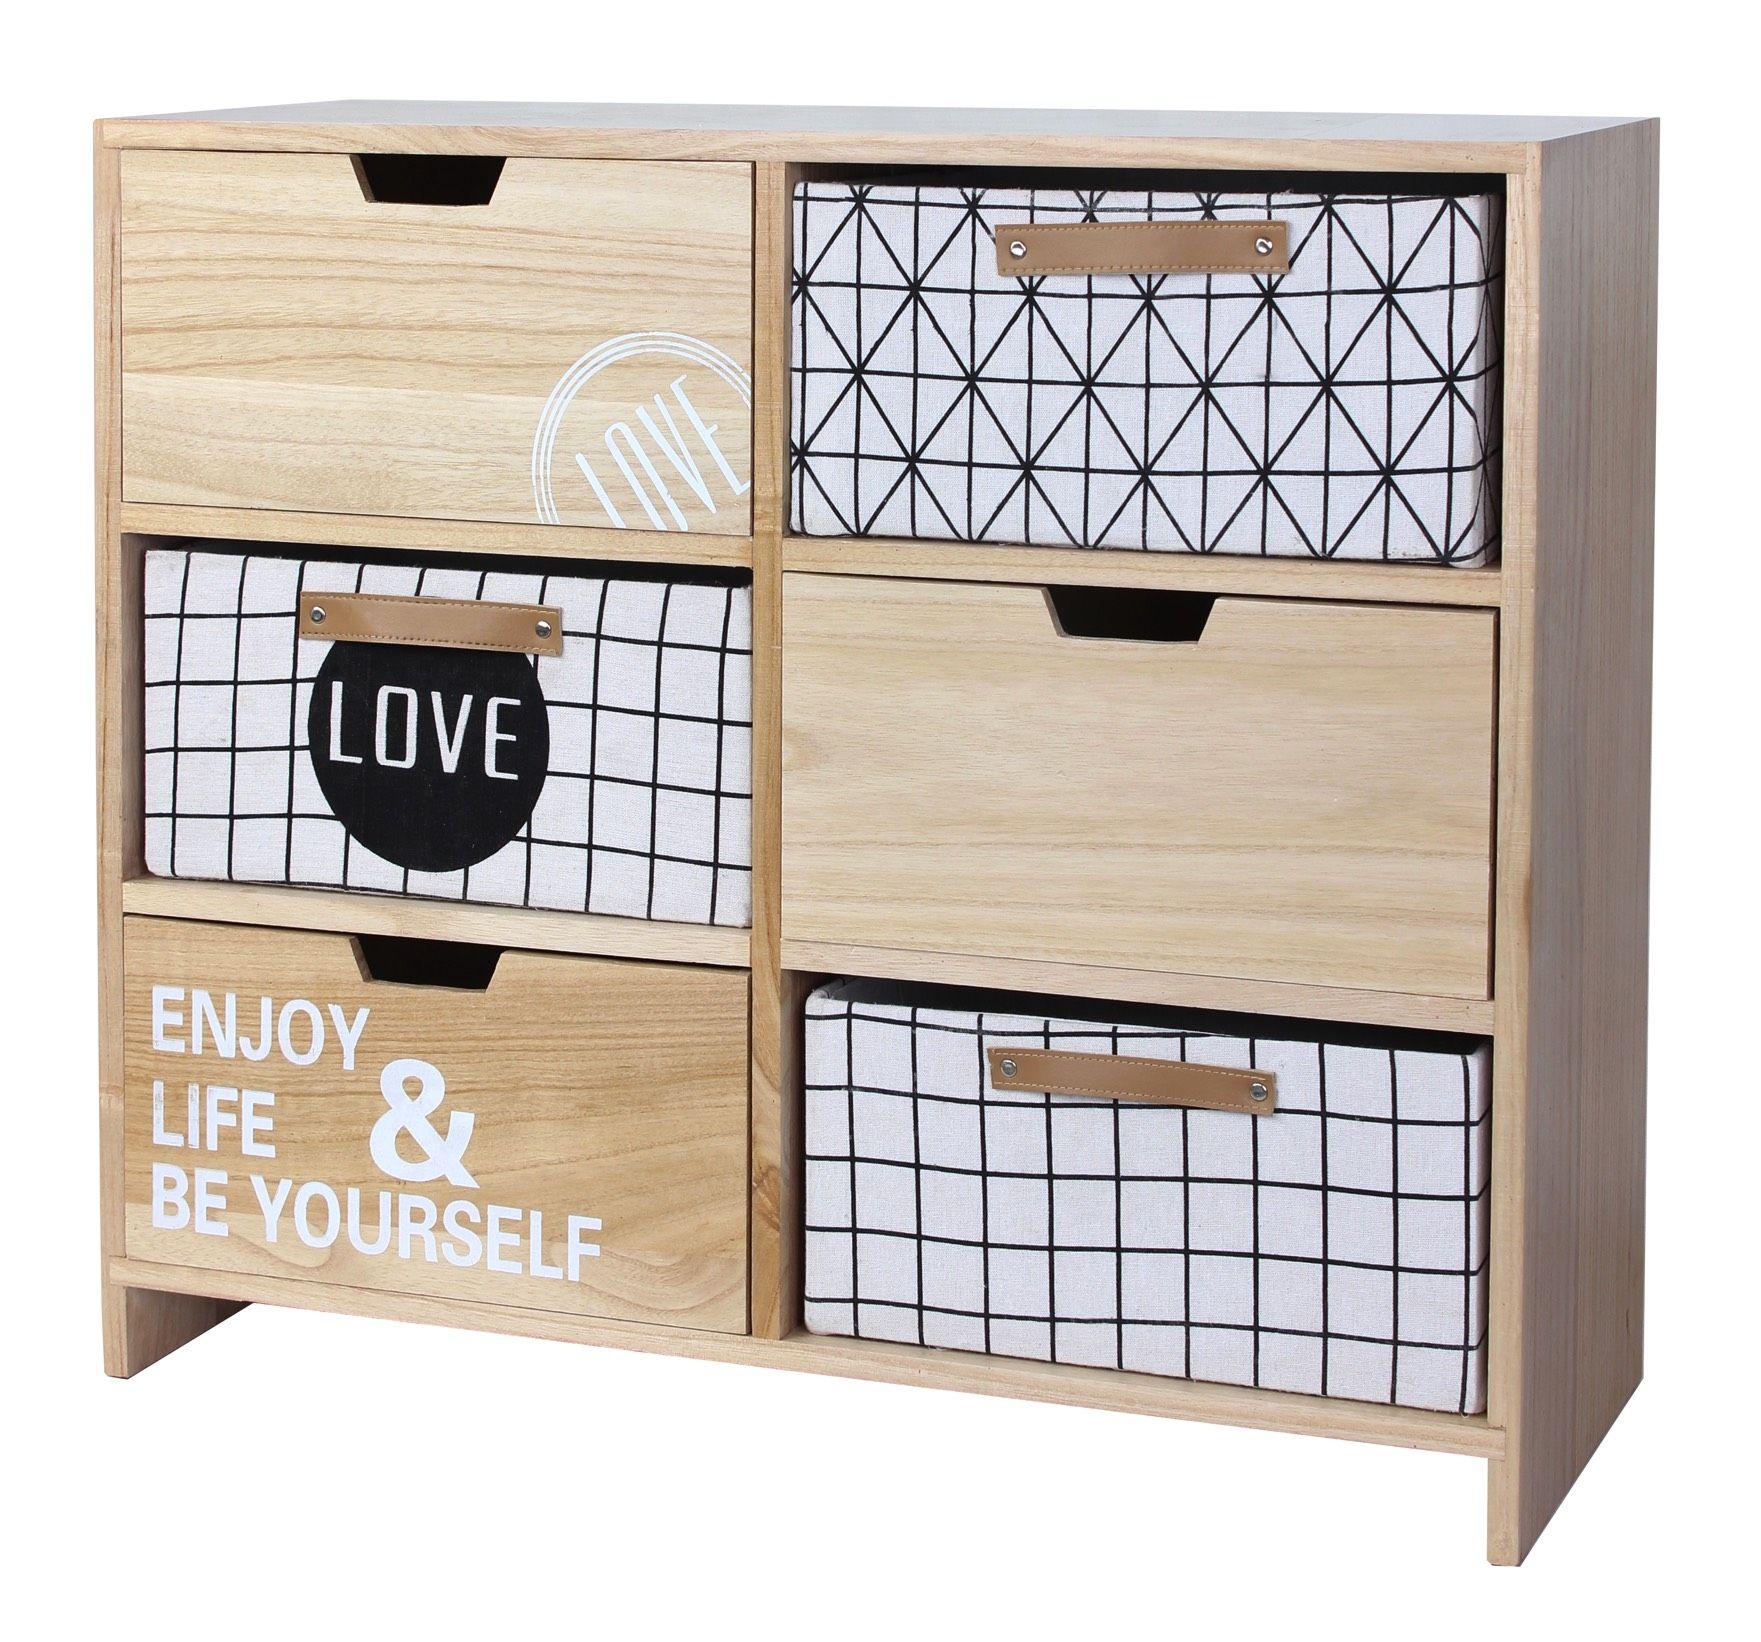 Mueble De Madera Estilo N Rdico Con Cajones Estampados Con Motivos  # Muebles Geometricos